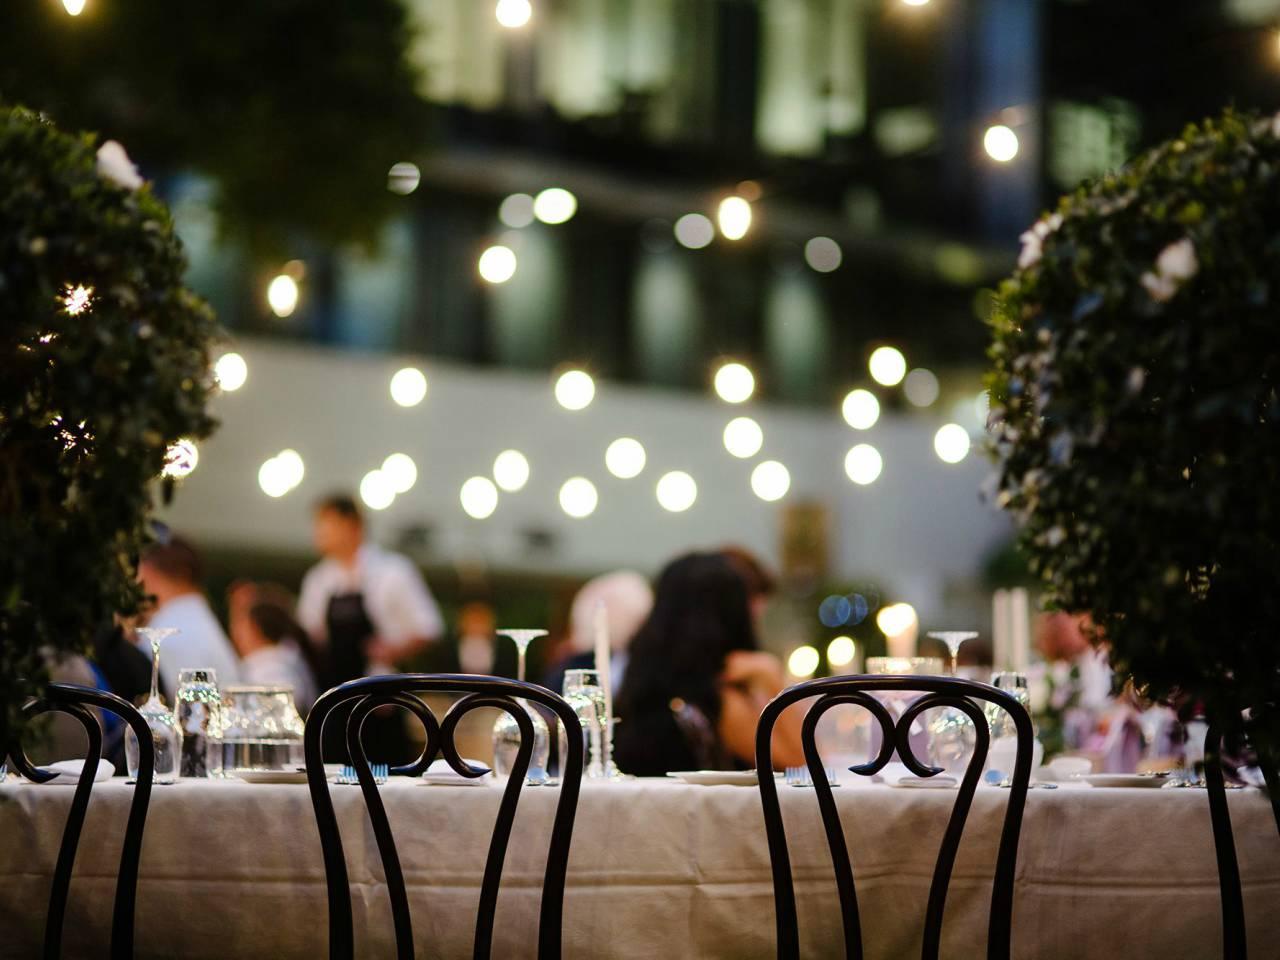 Outdoor dining venue